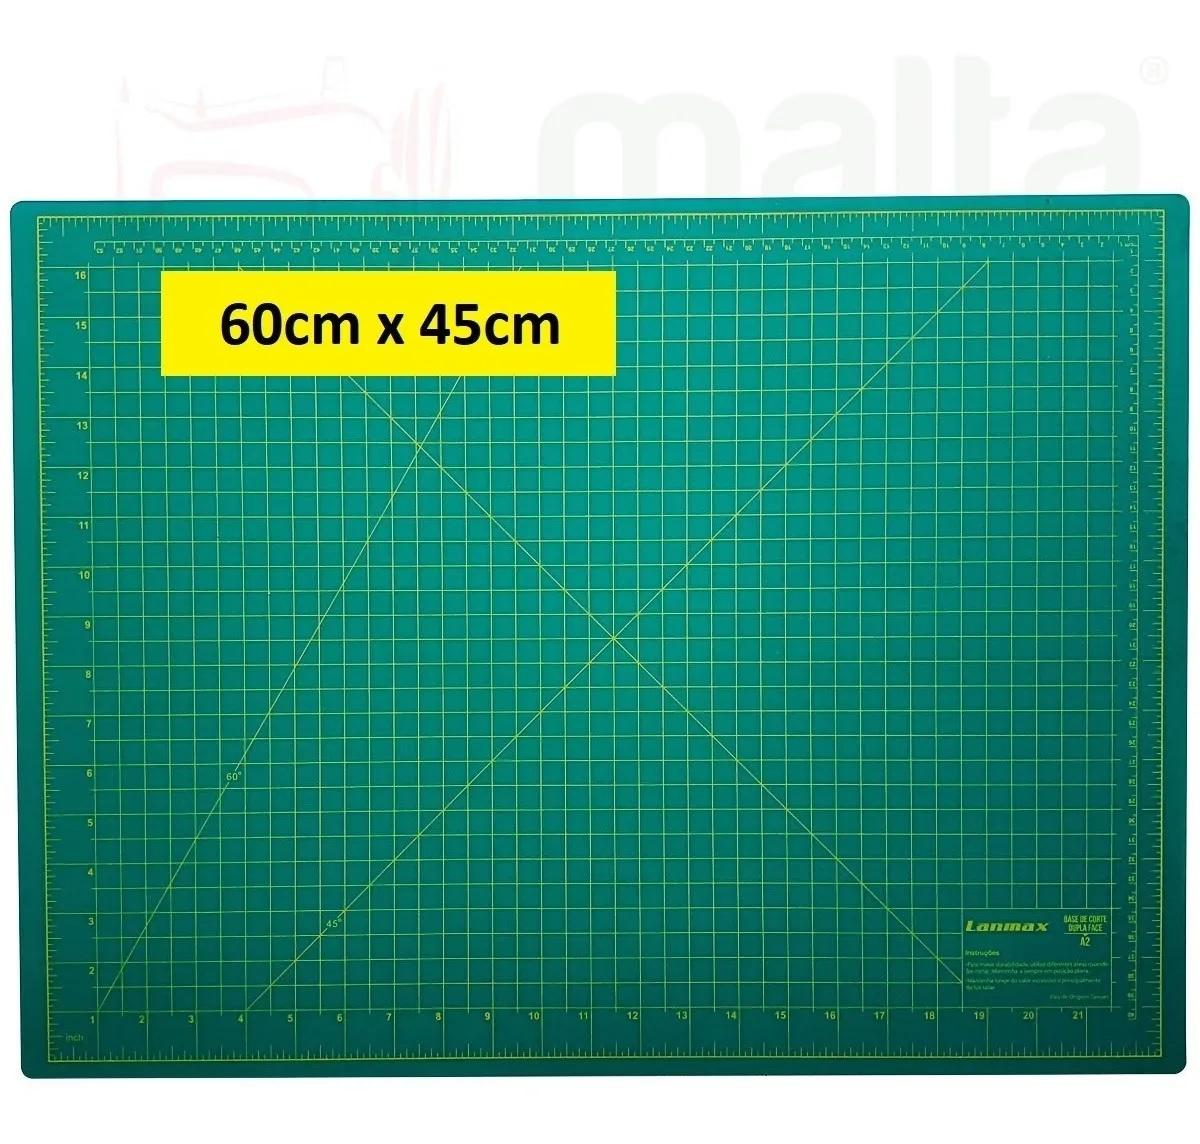 Base de corte 60x45 - Clamak